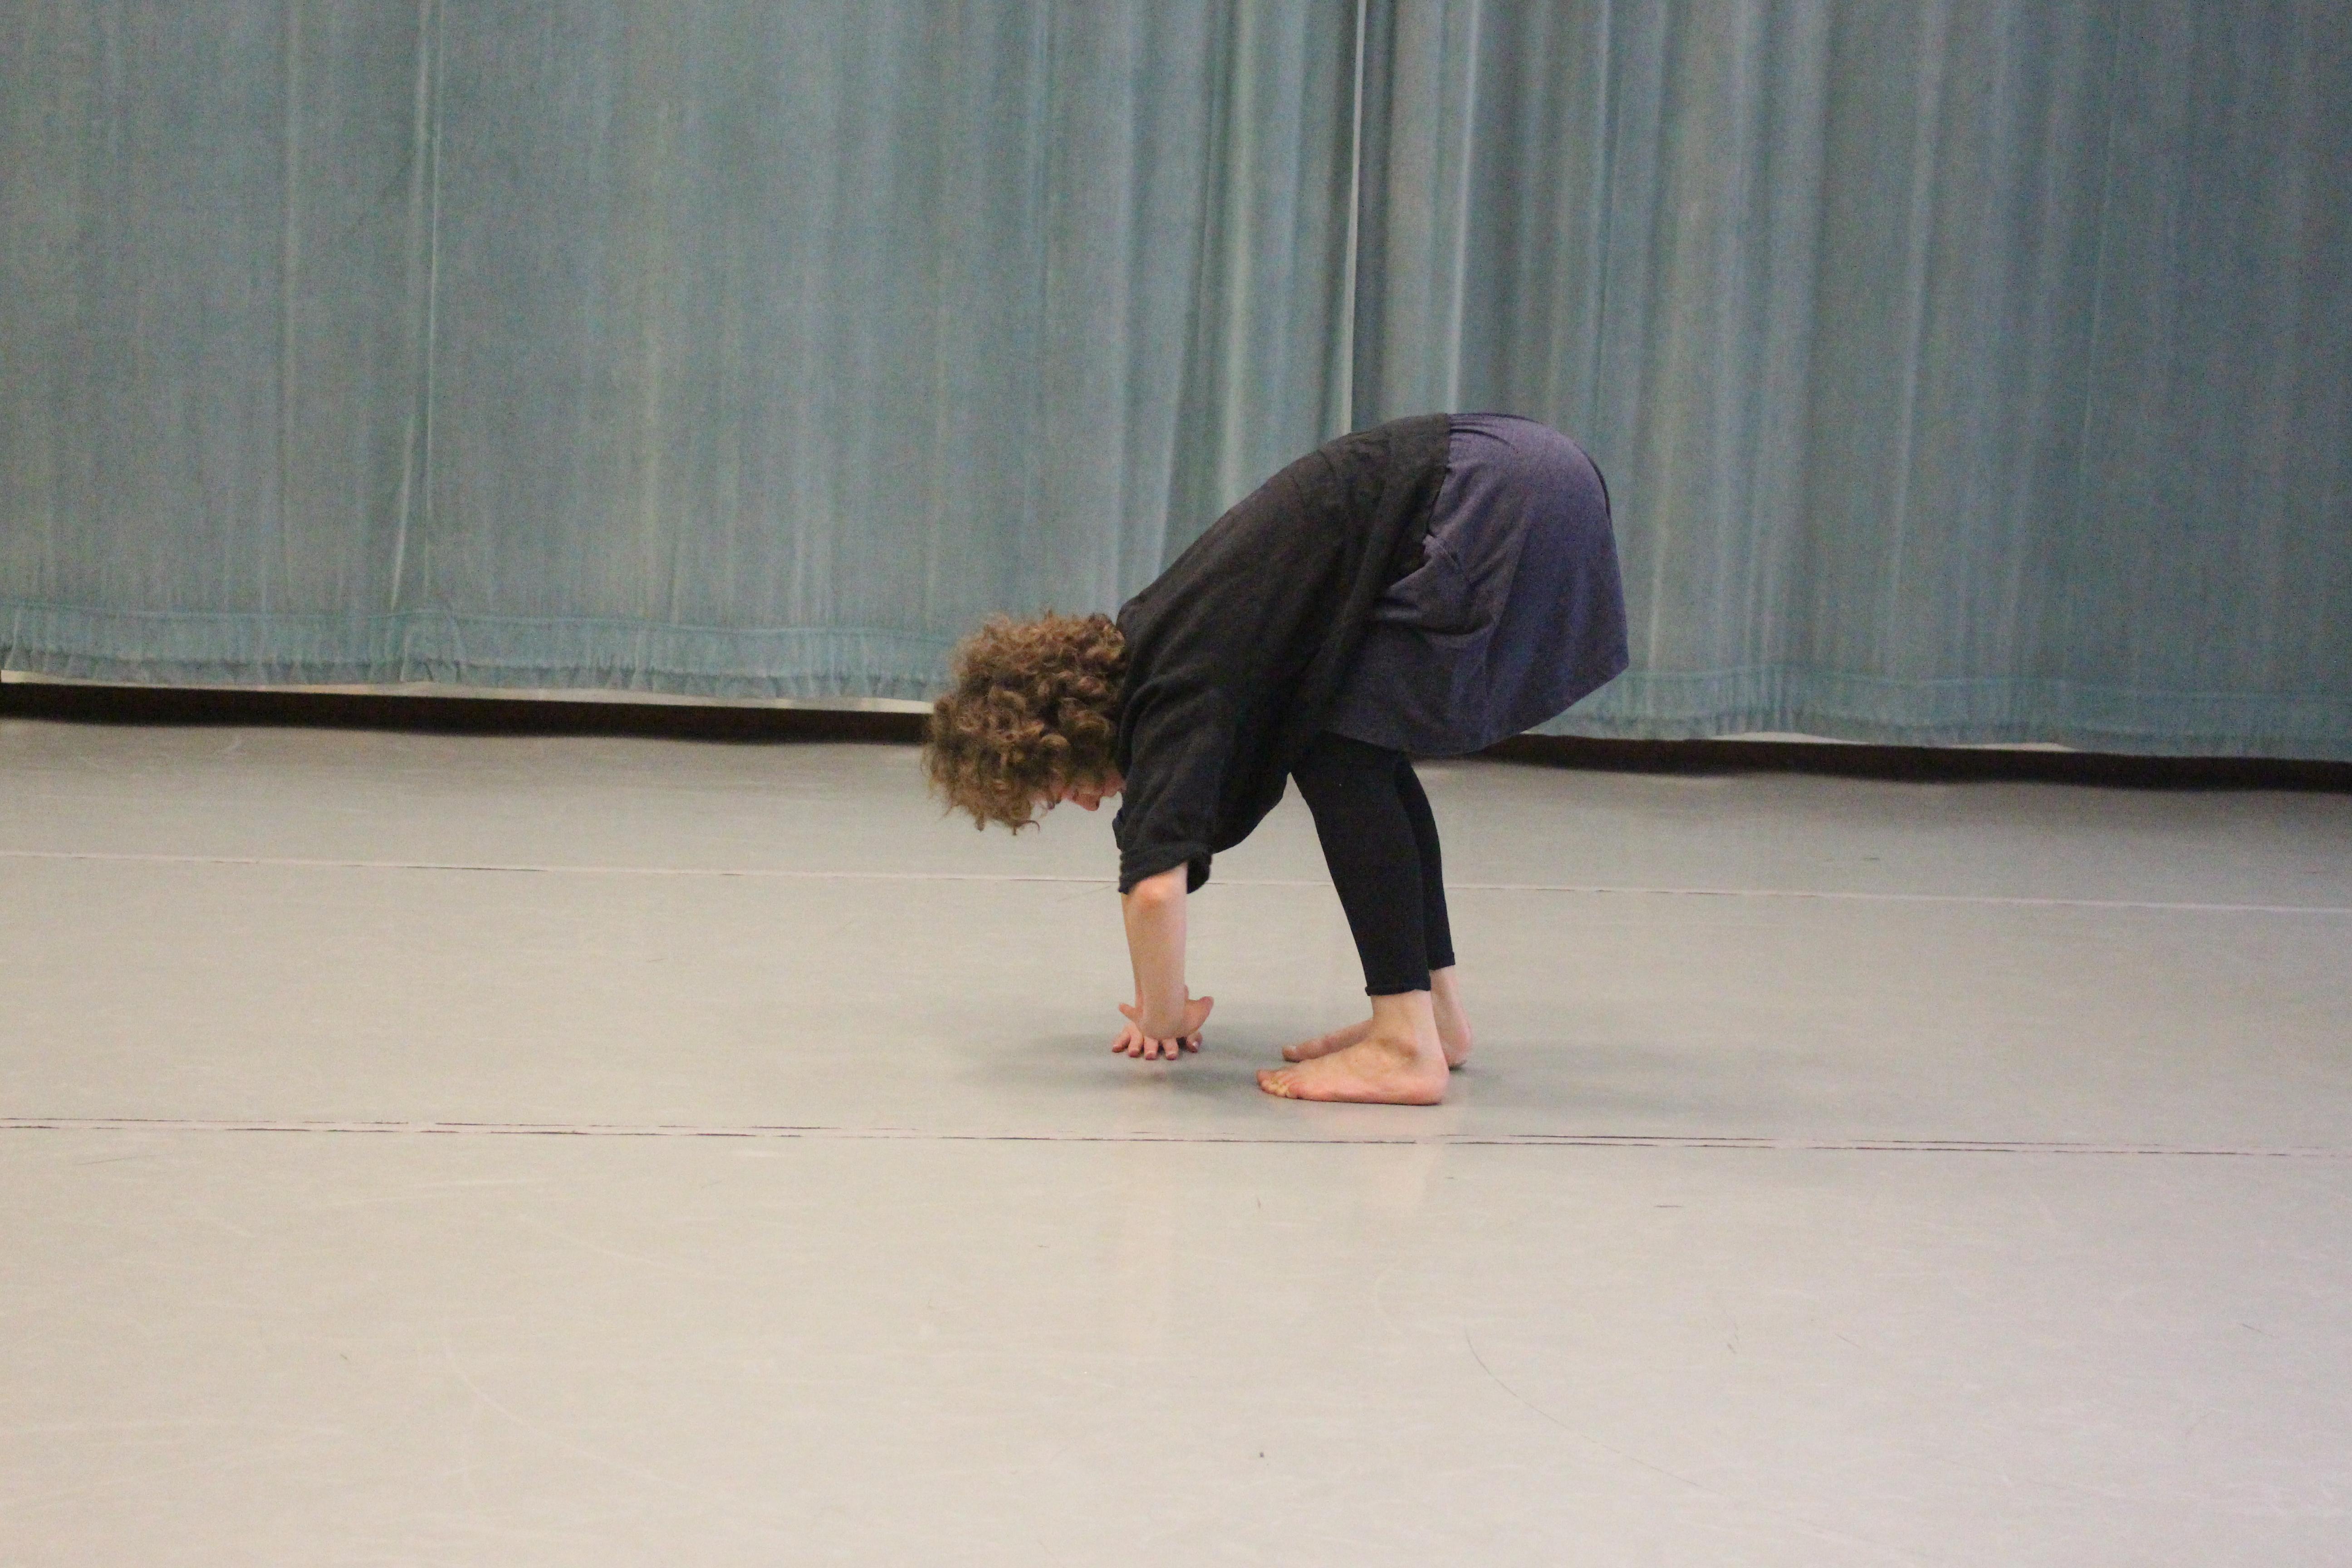 woman bent forward in dance pose